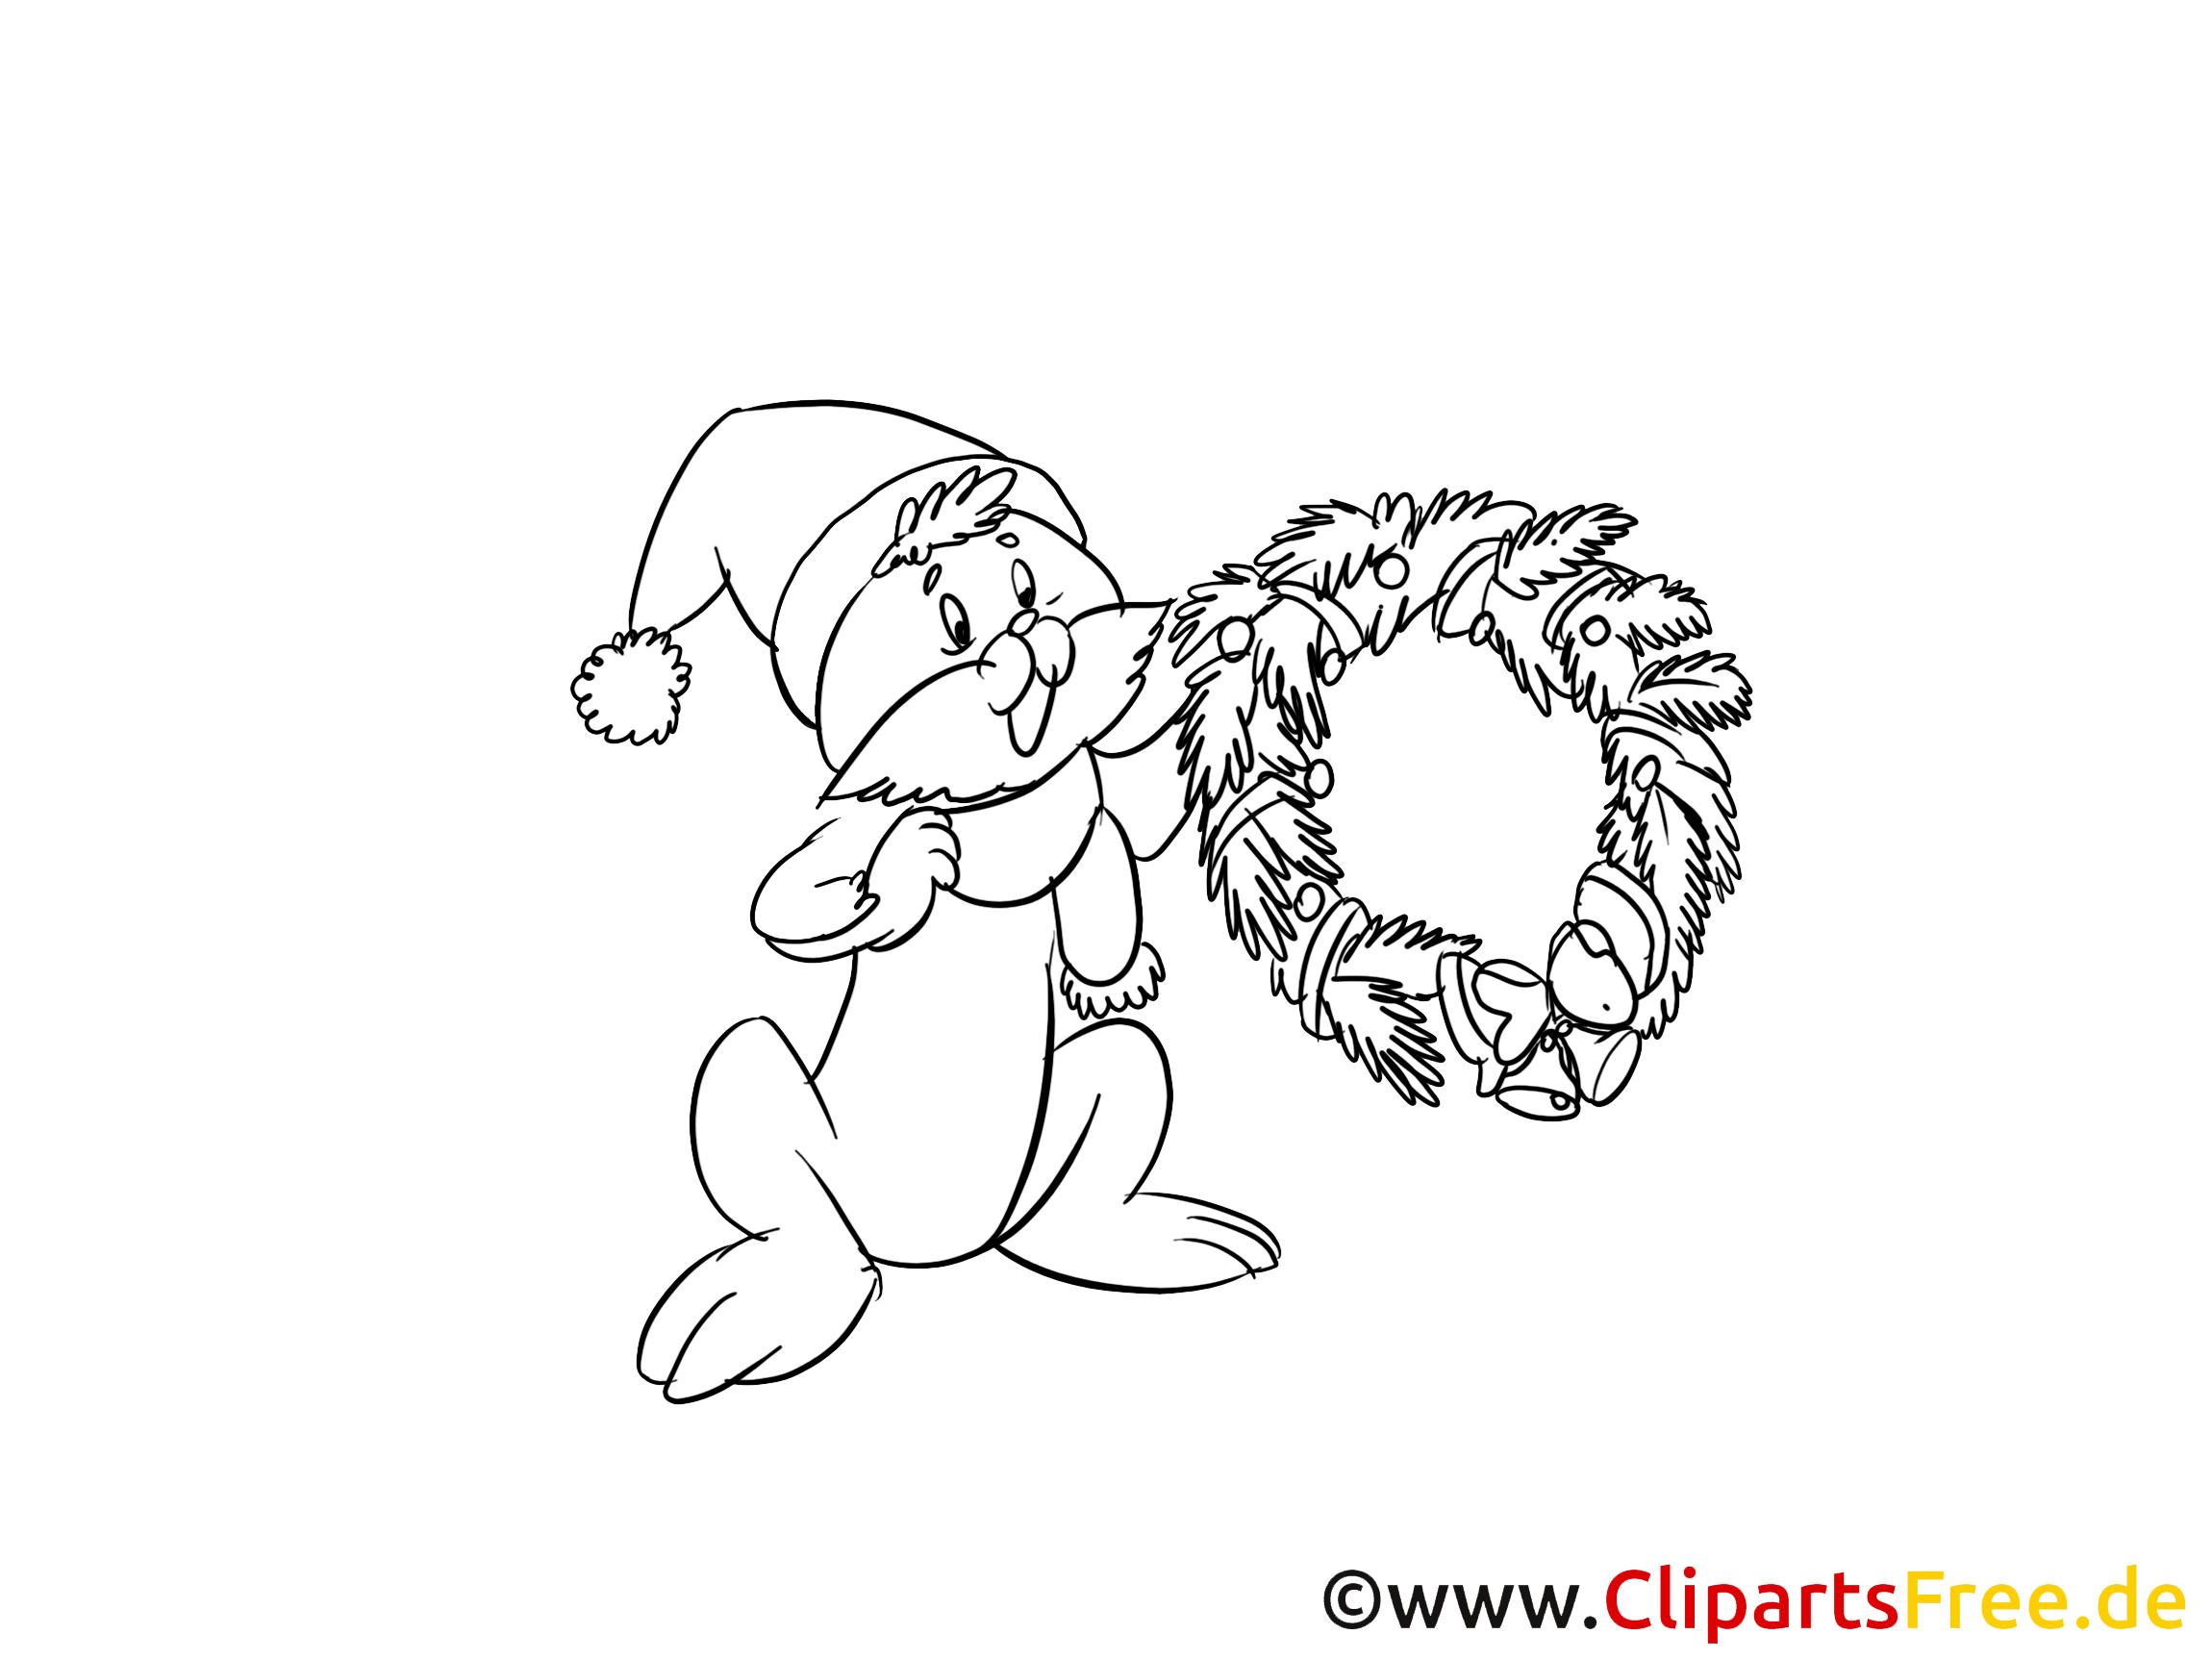 Kostenlose Bilder zum Ausmalen Weihnachten